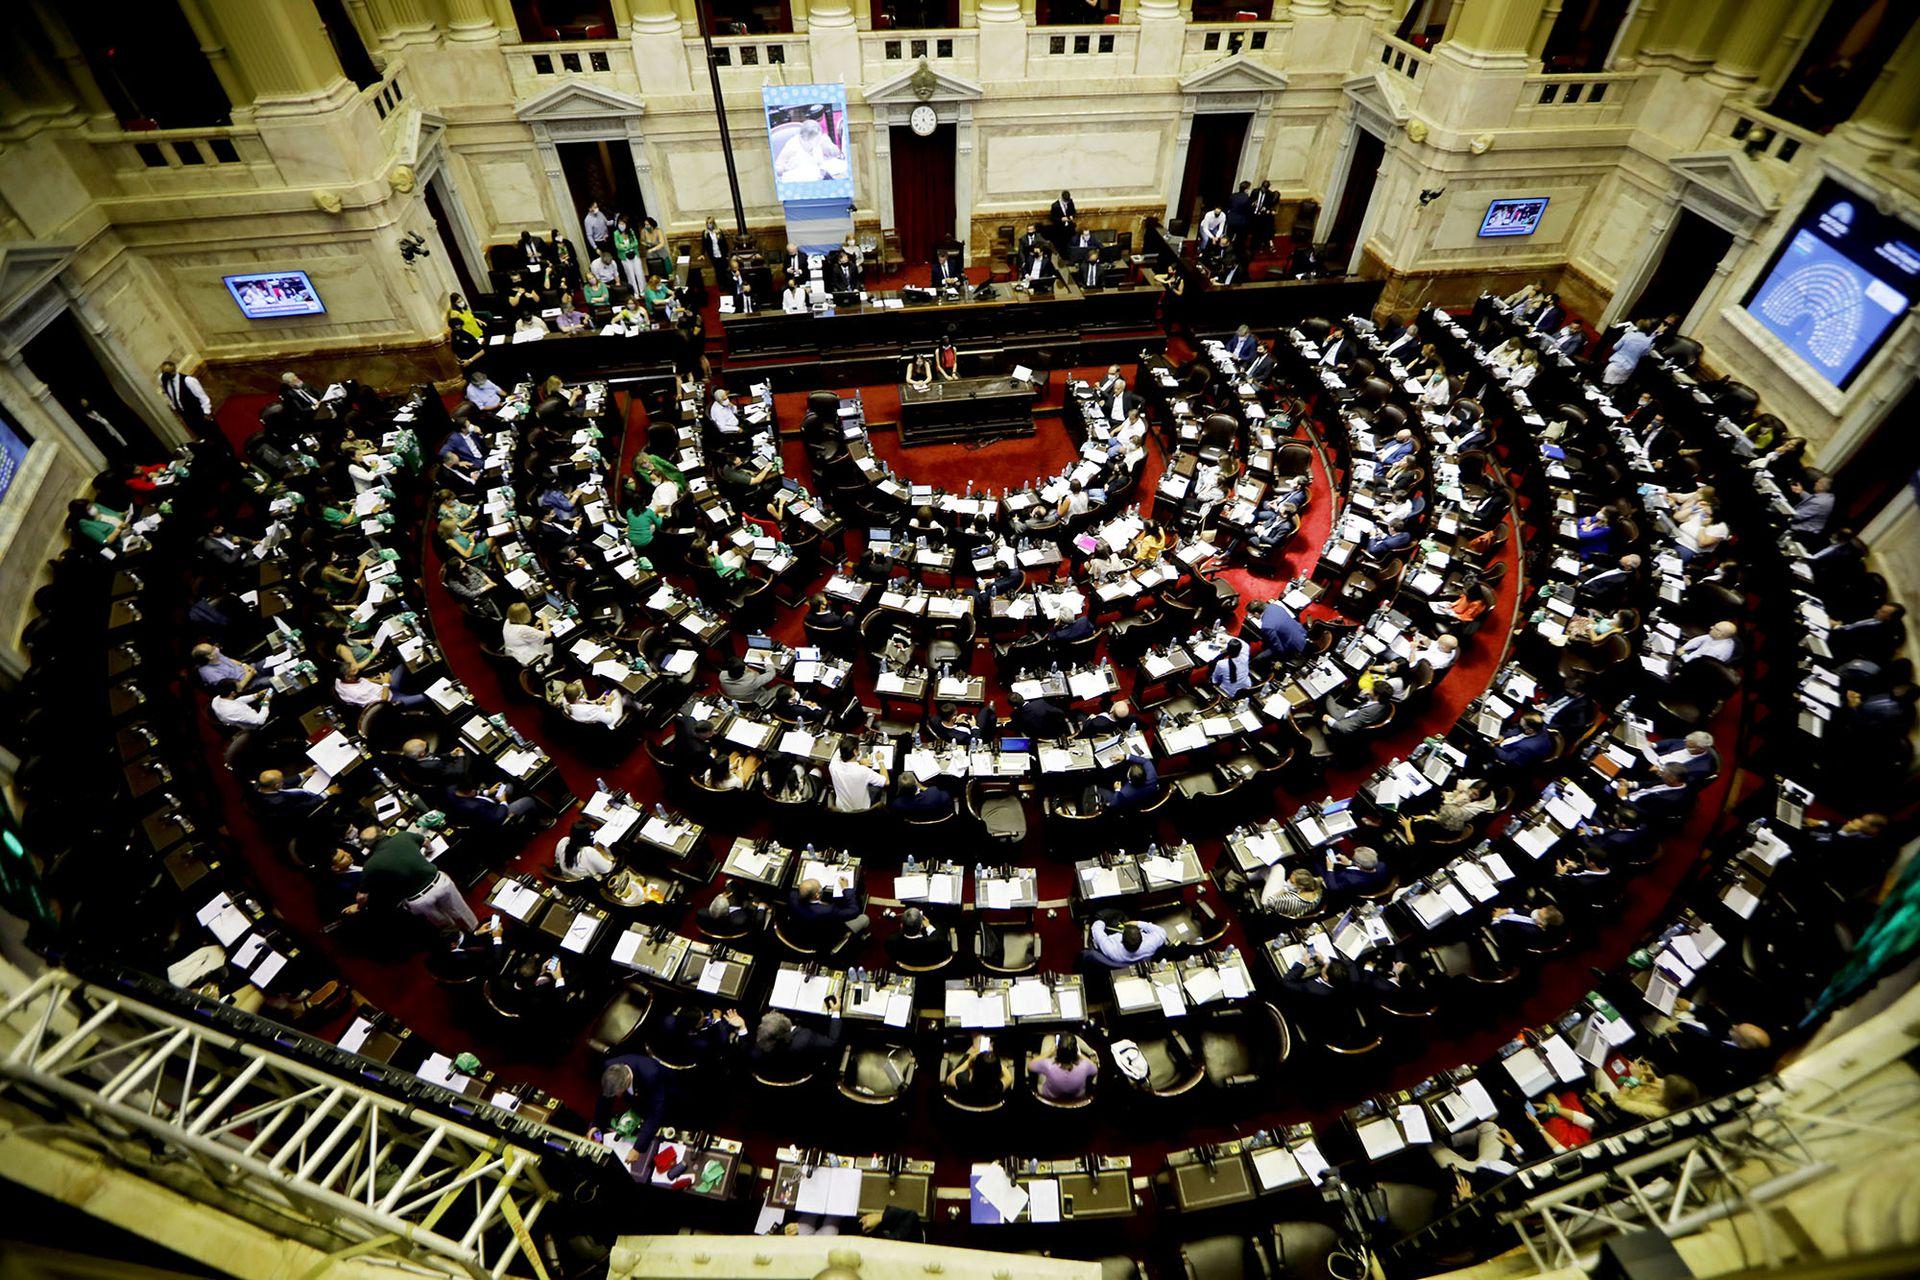 El Congreso argentino inicia el debate de la legalización del aborto con apoyo del presidente